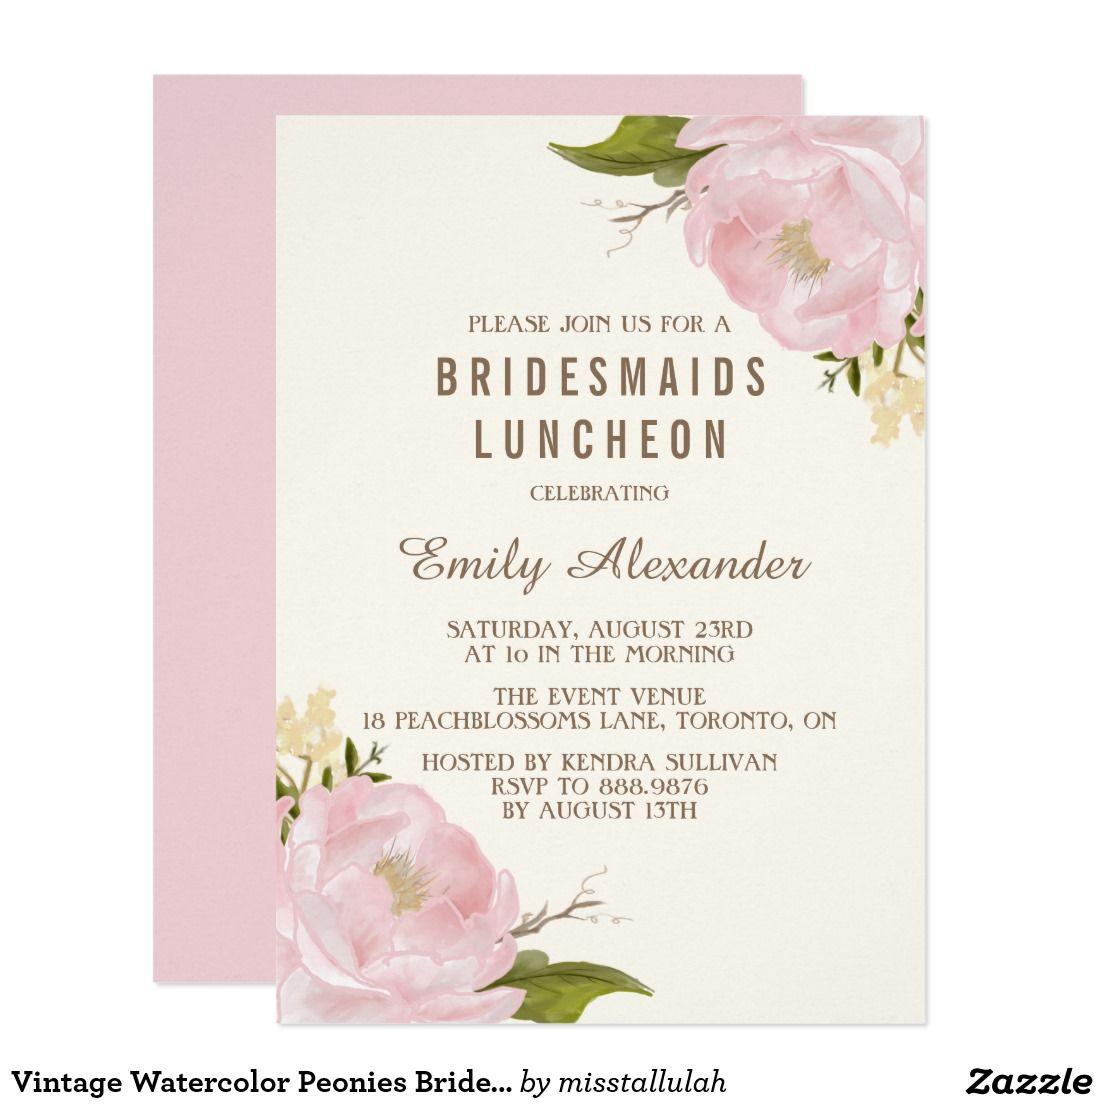 Vintage Watercolor Peonies Bridesmaids Luncheon | WEDDING: BRIDAL ...